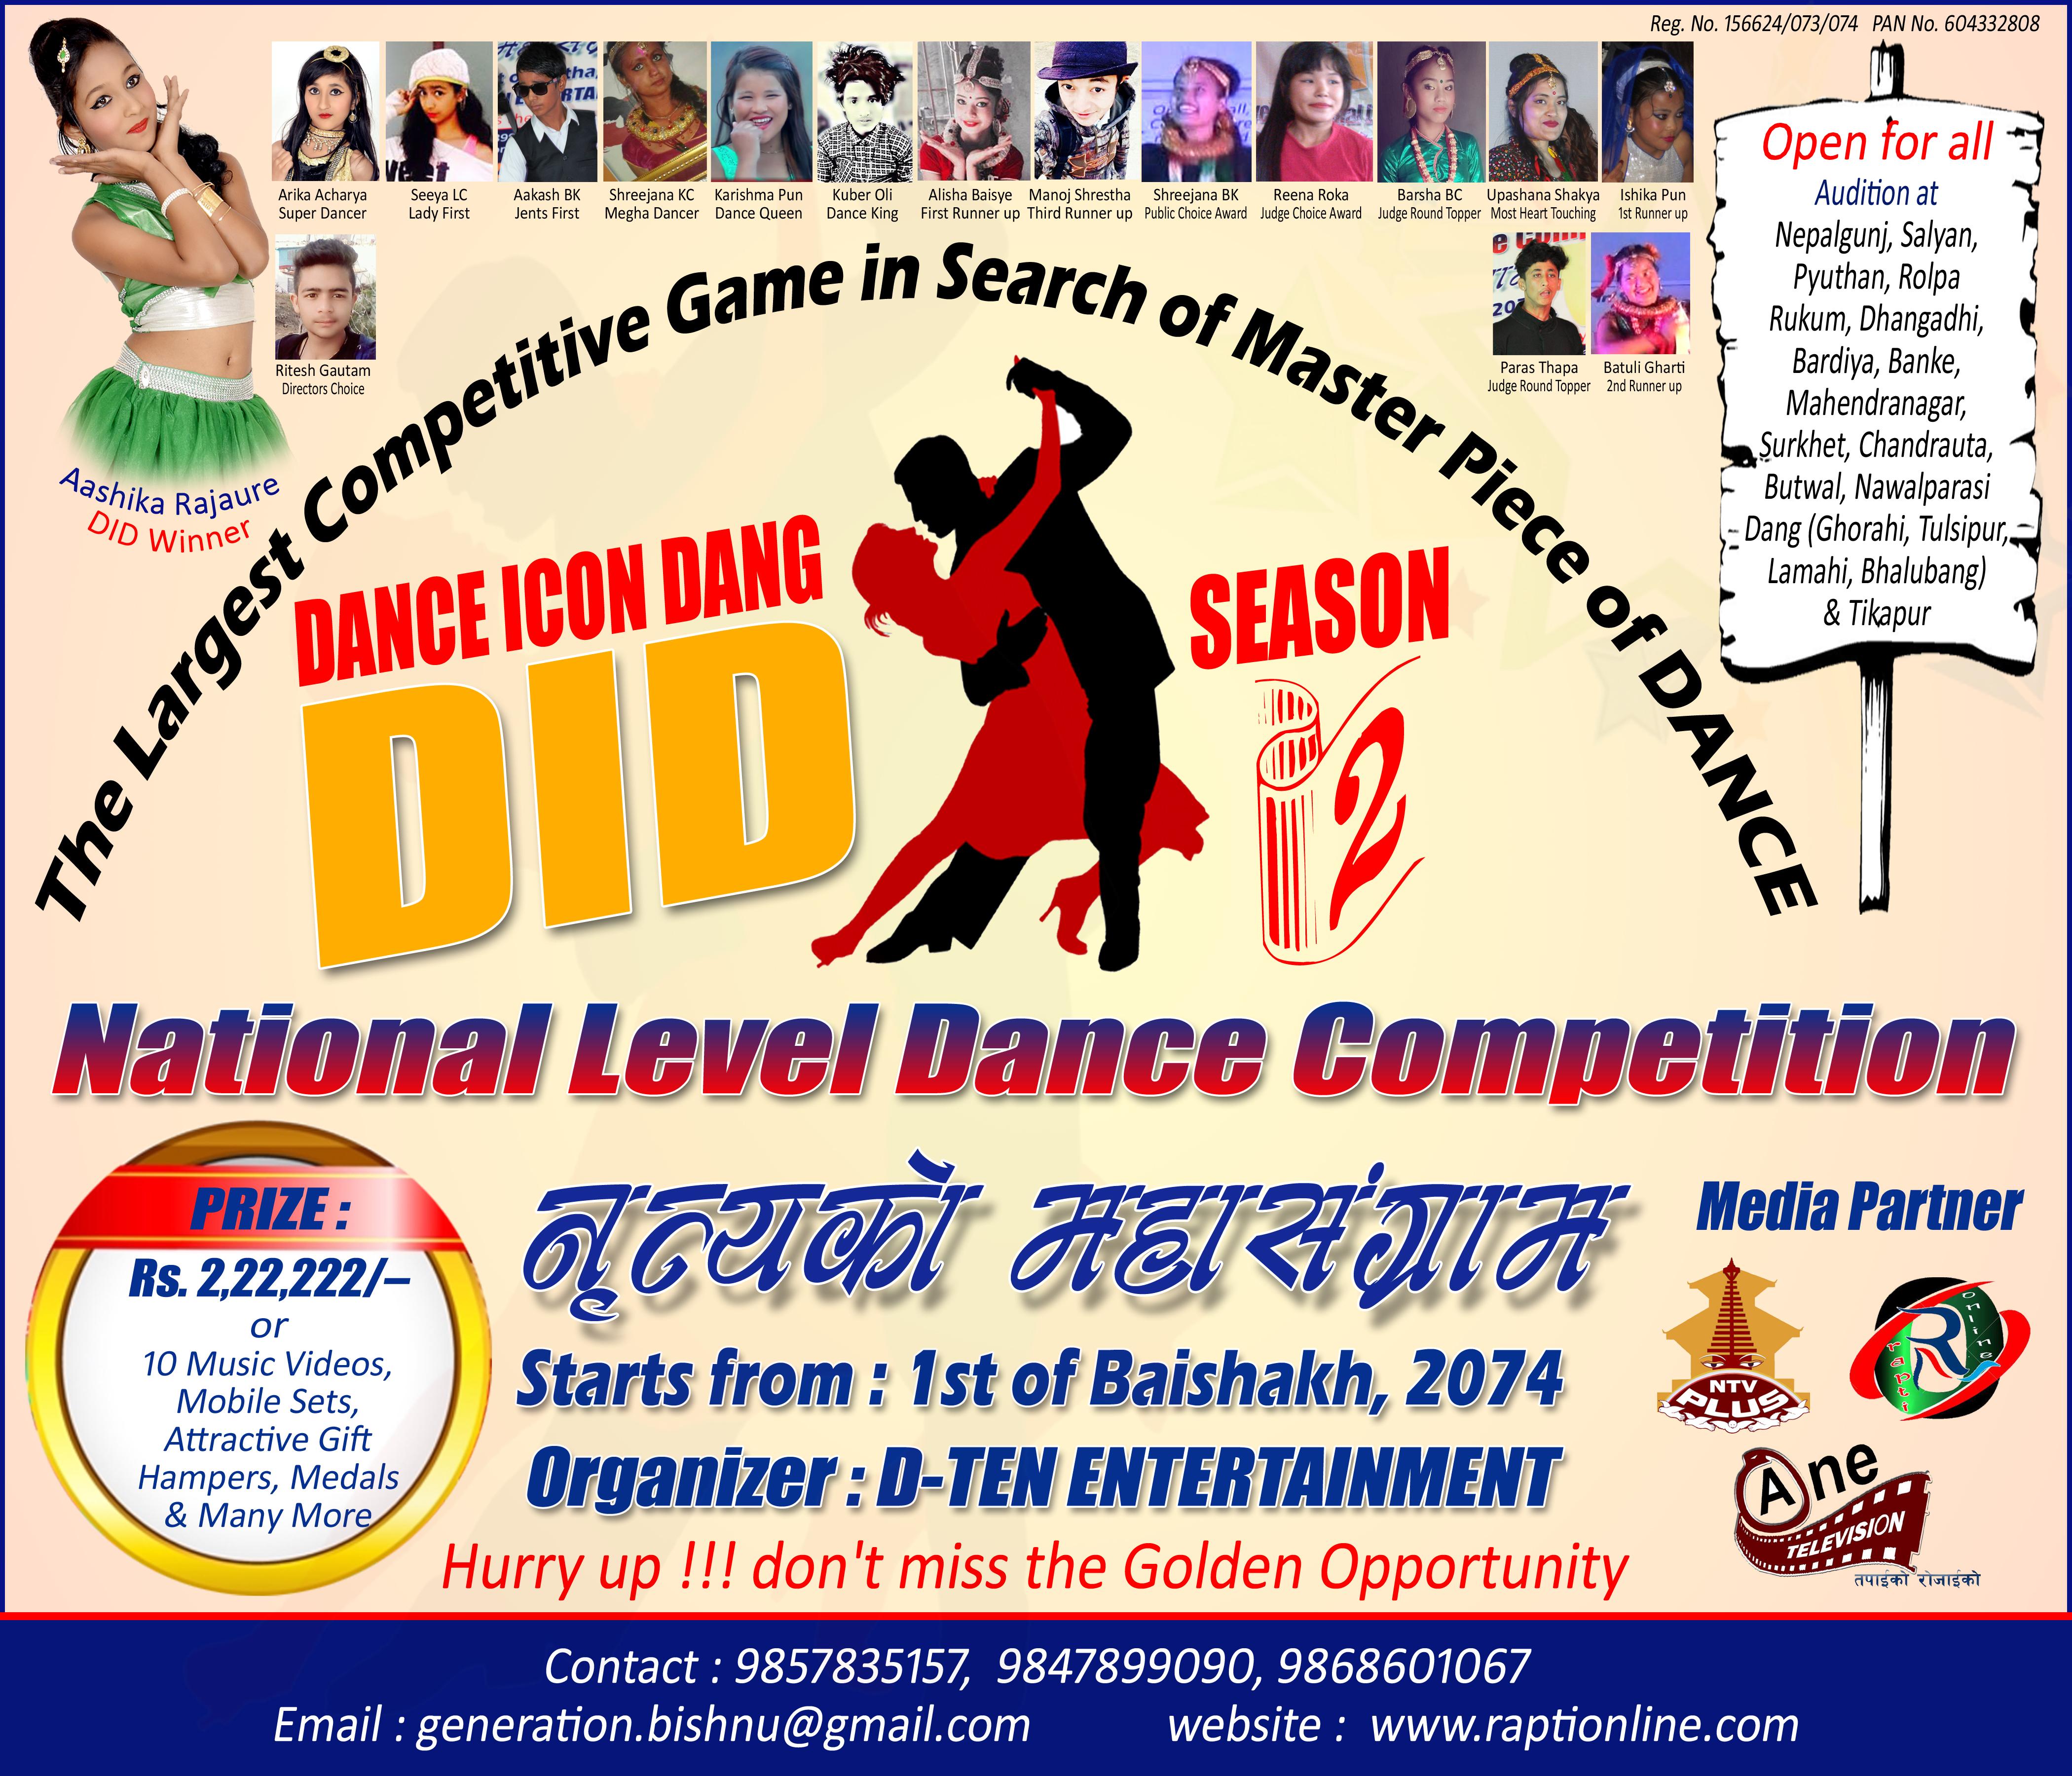 राष्ट्र व्यापि नृत्यको महासंग्राम डान्स आइकन दाङ (डिआइडि) सिजन २